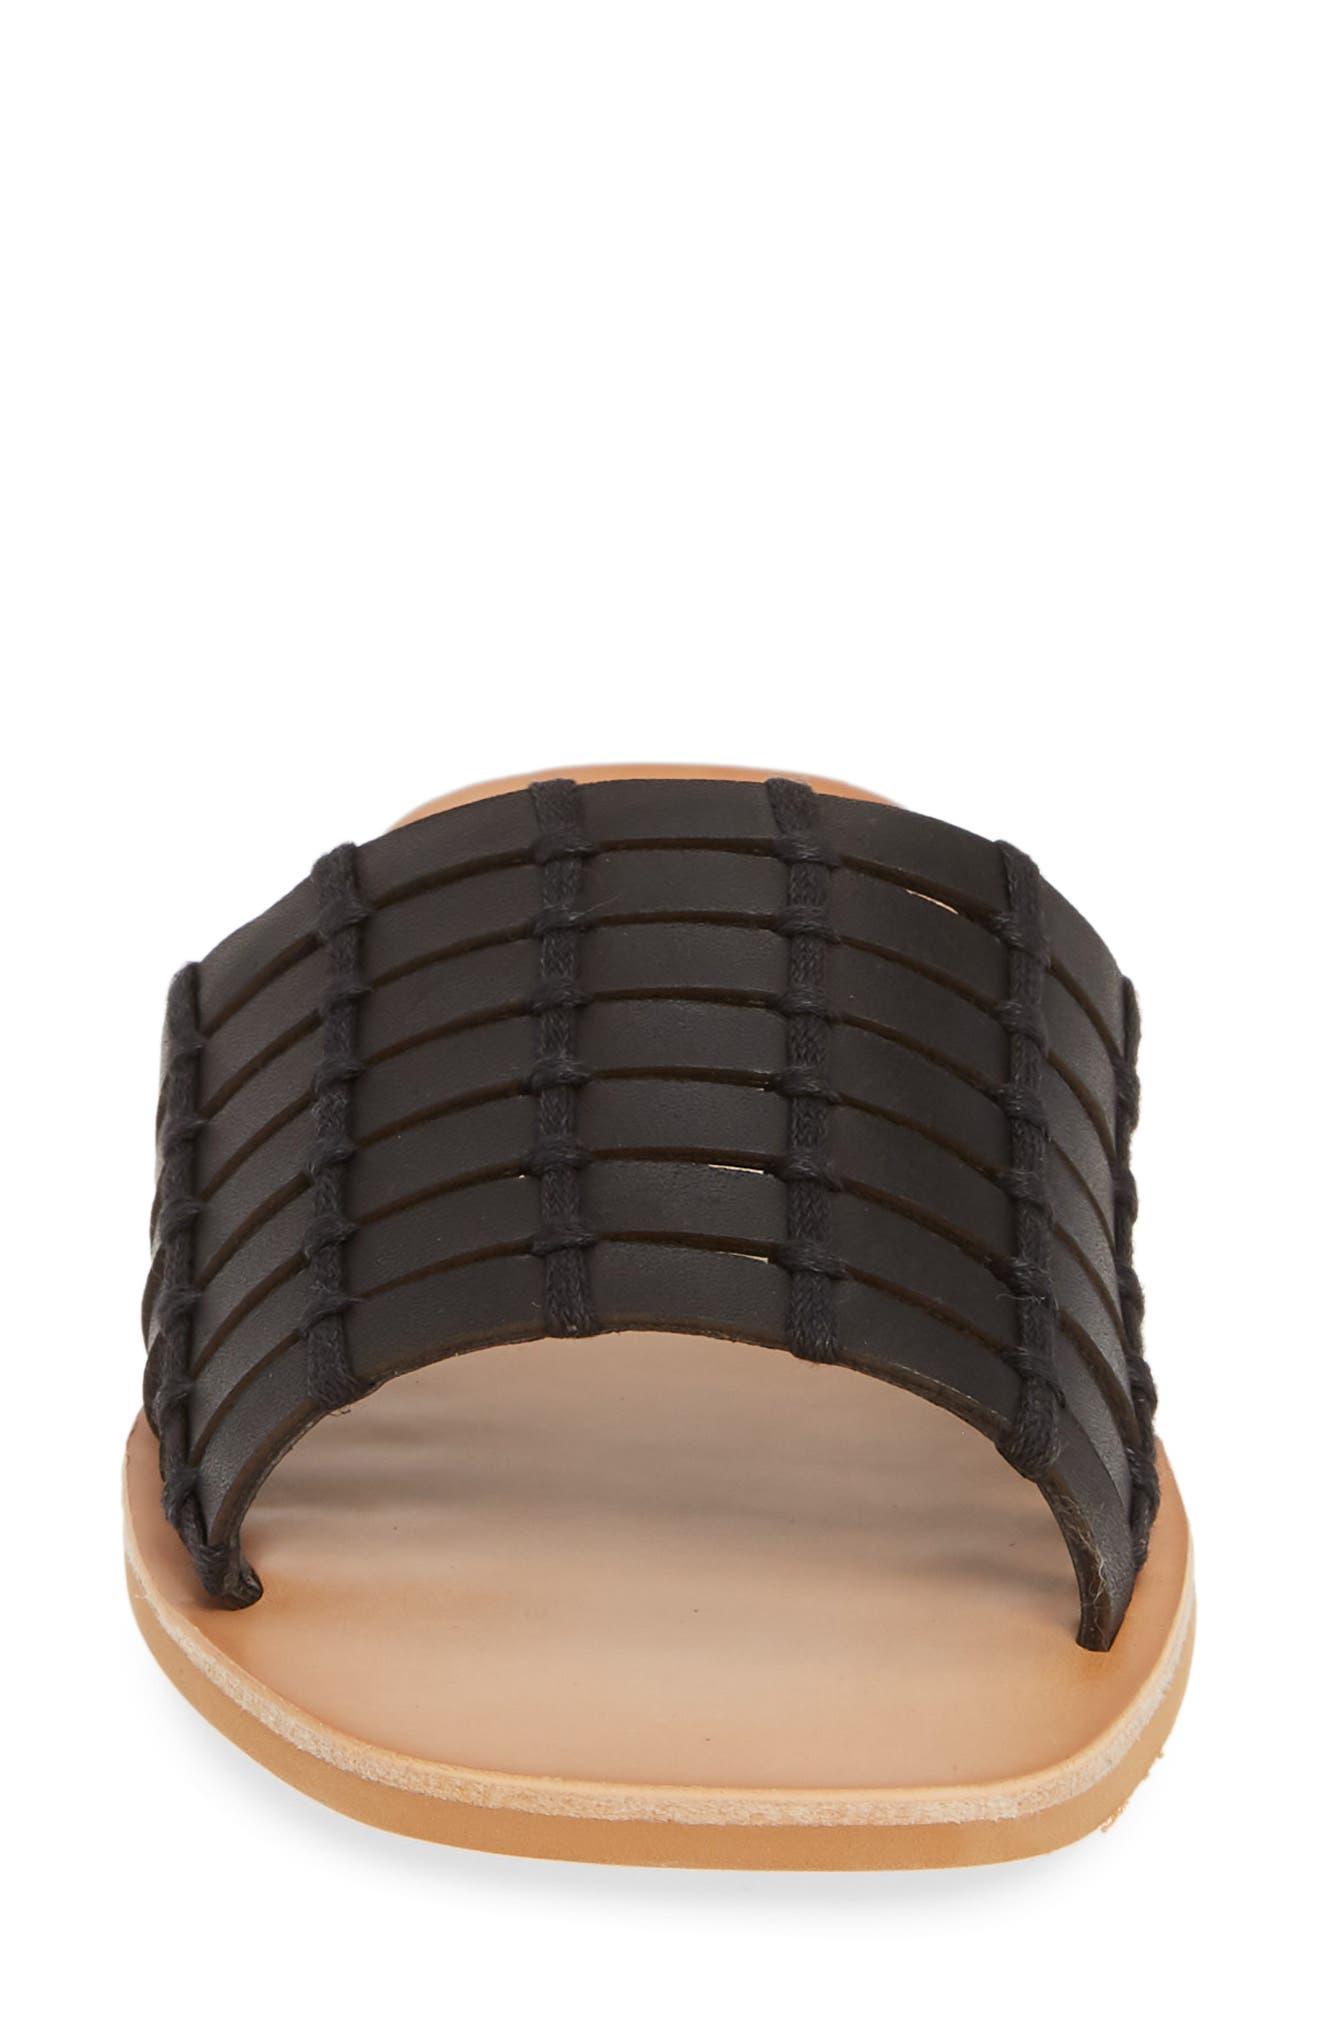 DOLCE VITA, Colsen Slide Sandal, Alternate thumbnail 4, color, BLACK LEATHER